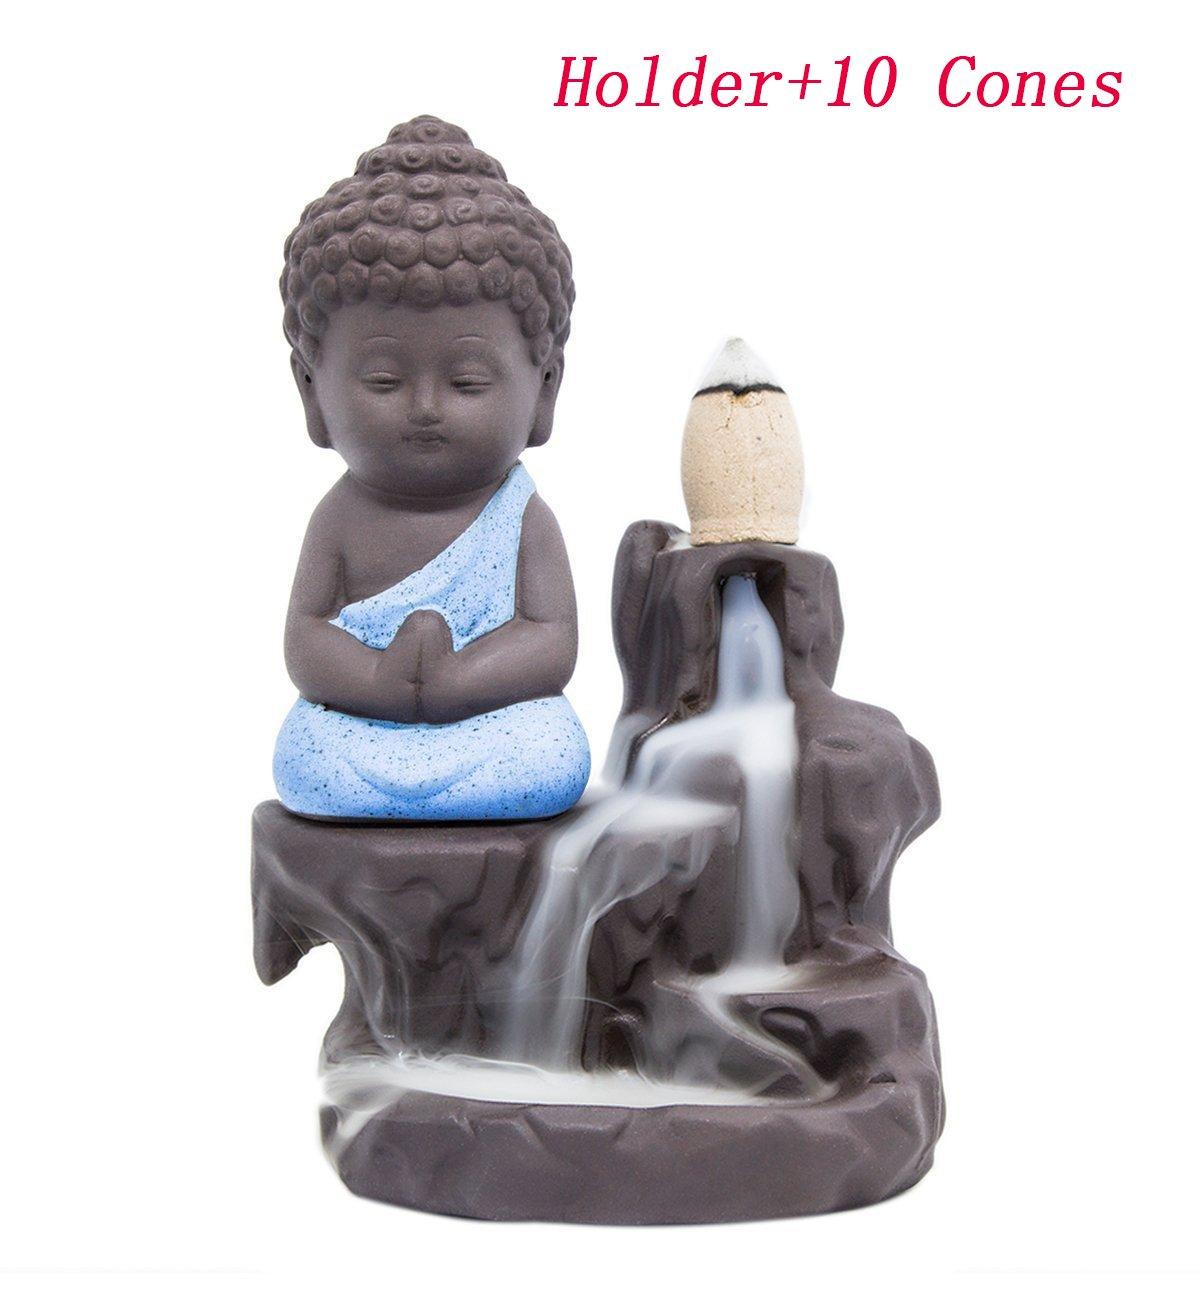 オープニング 大放出セール Incense Burners Returnアロマセラピースティックホルダーセラミック磁器Monk Catcher Burners 10 ( 10 Varieties円錐とホルダー) ブルー ブルー ( B077D5K8TQ, プロキュアエース:1851a8b6 --- aemmontagens.com.br